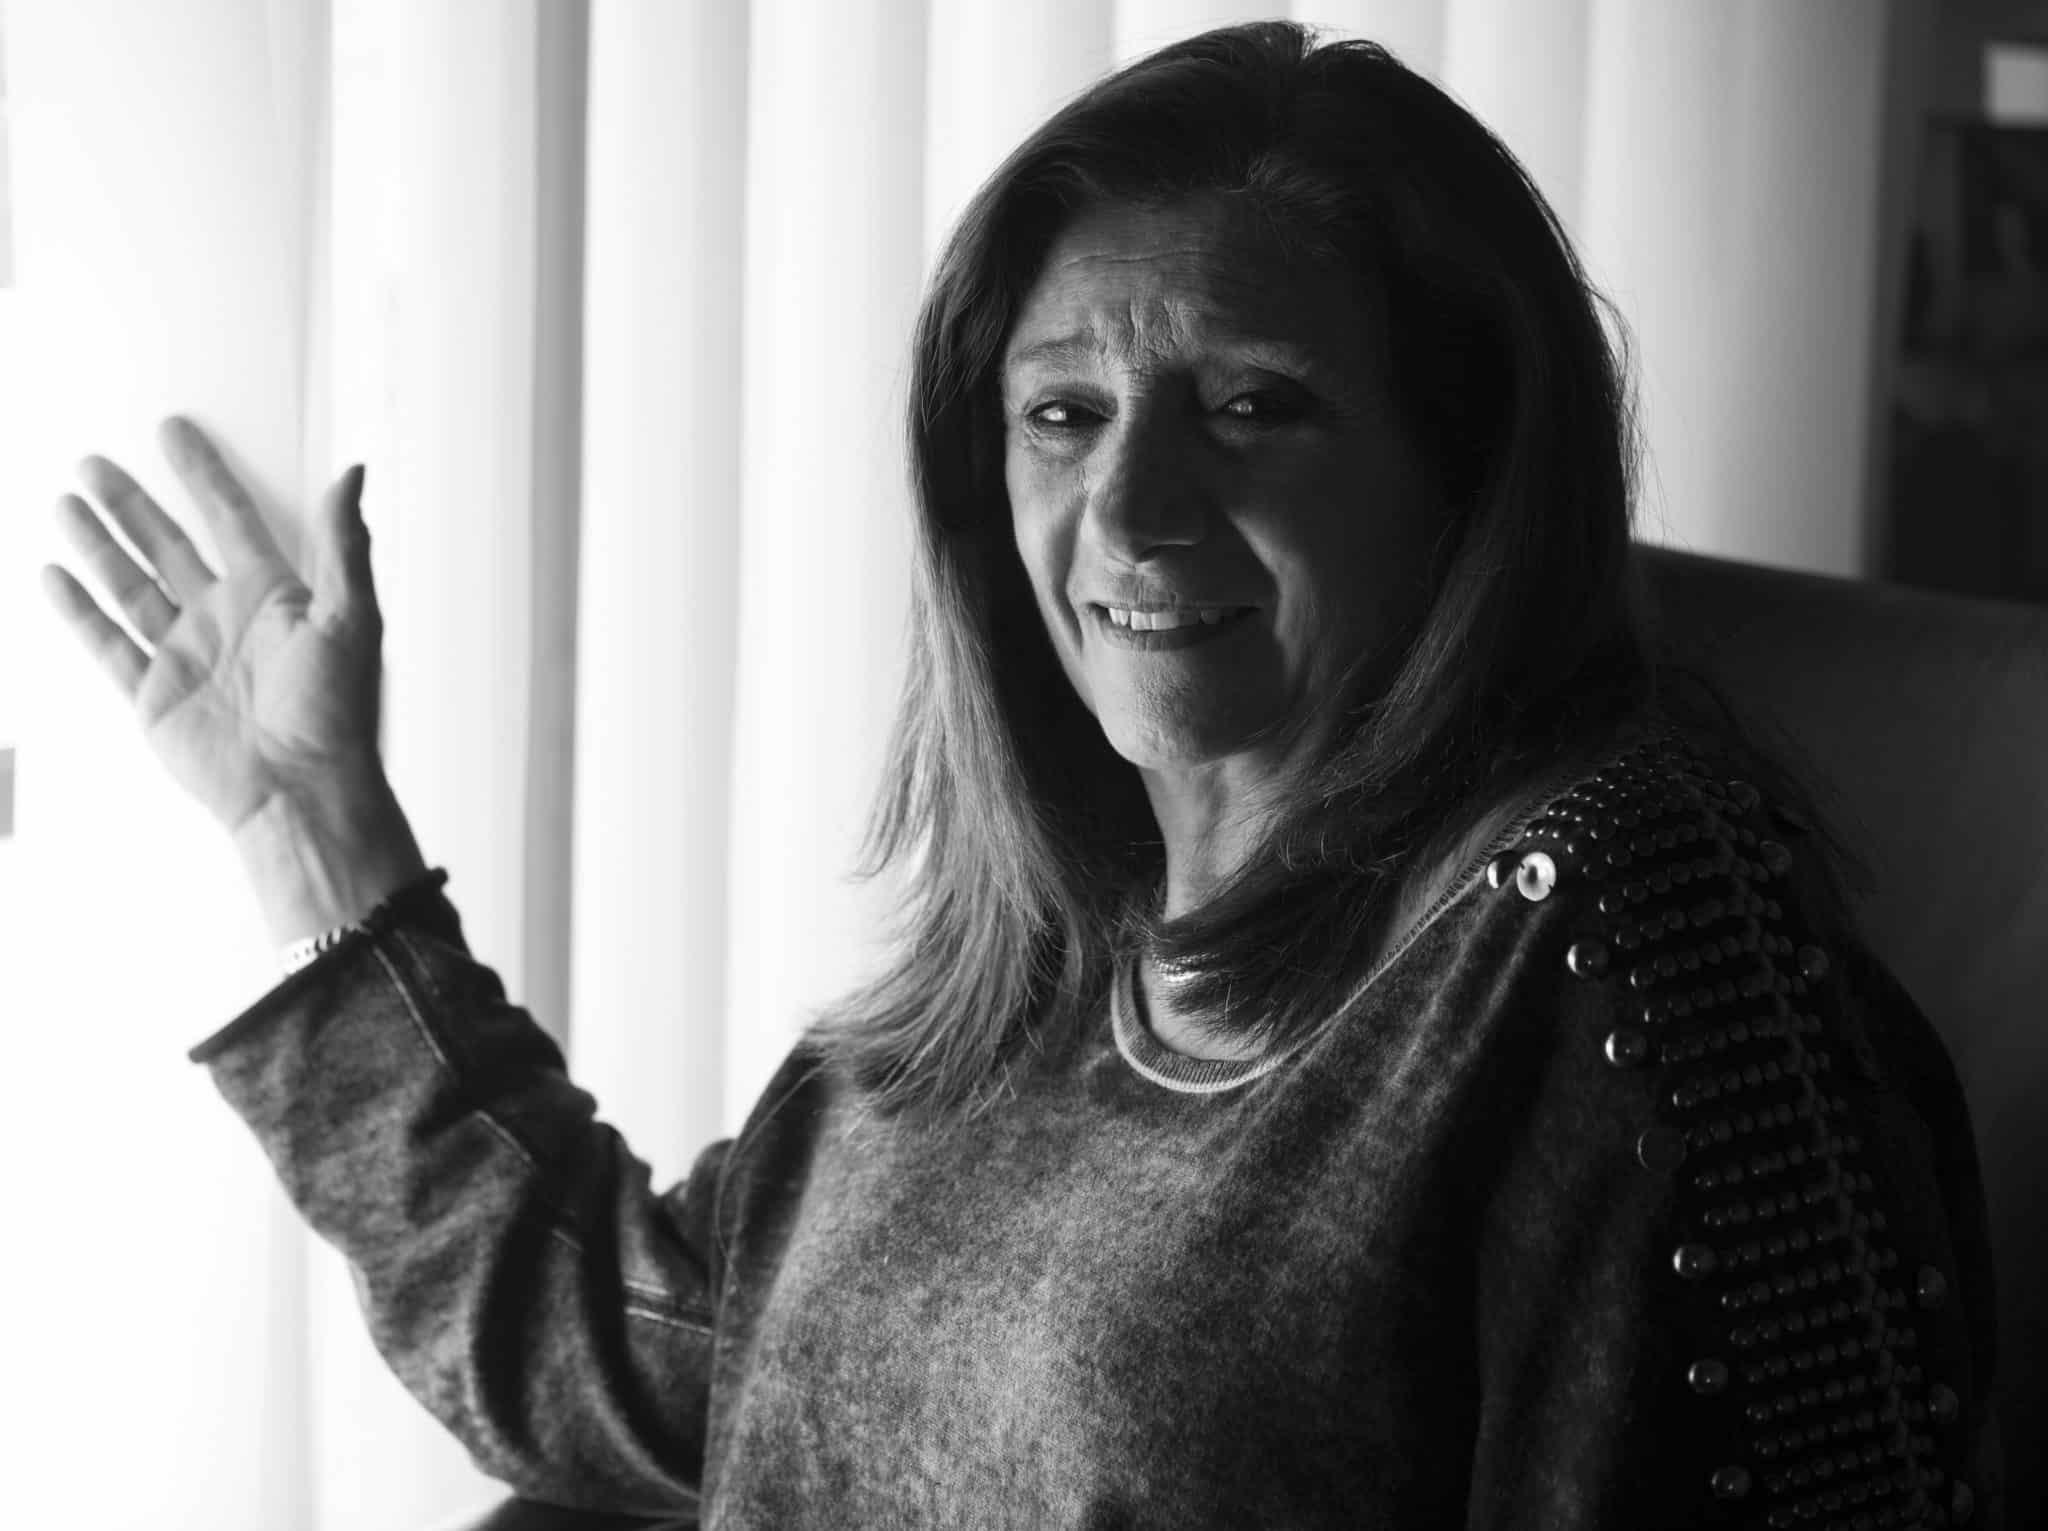 Rencontres femmes célibataires de plus de 55 ans dans la savoie picture 4